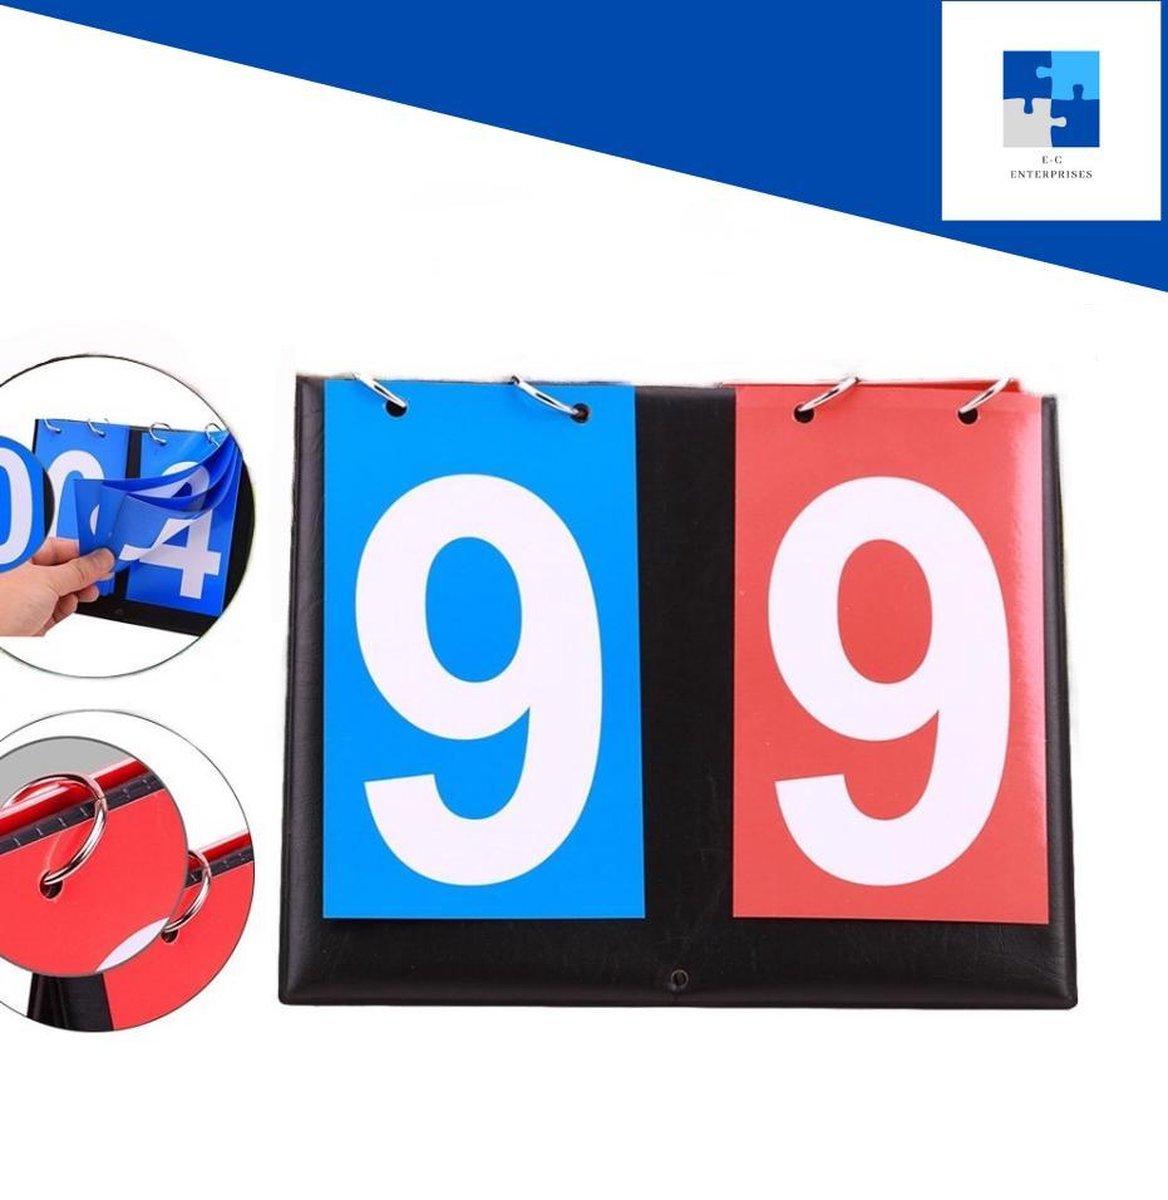 Scorebord - 2 cijfers - score board - score bord - puntenbord - spellen - voetbal - volleybal - buitenspelen